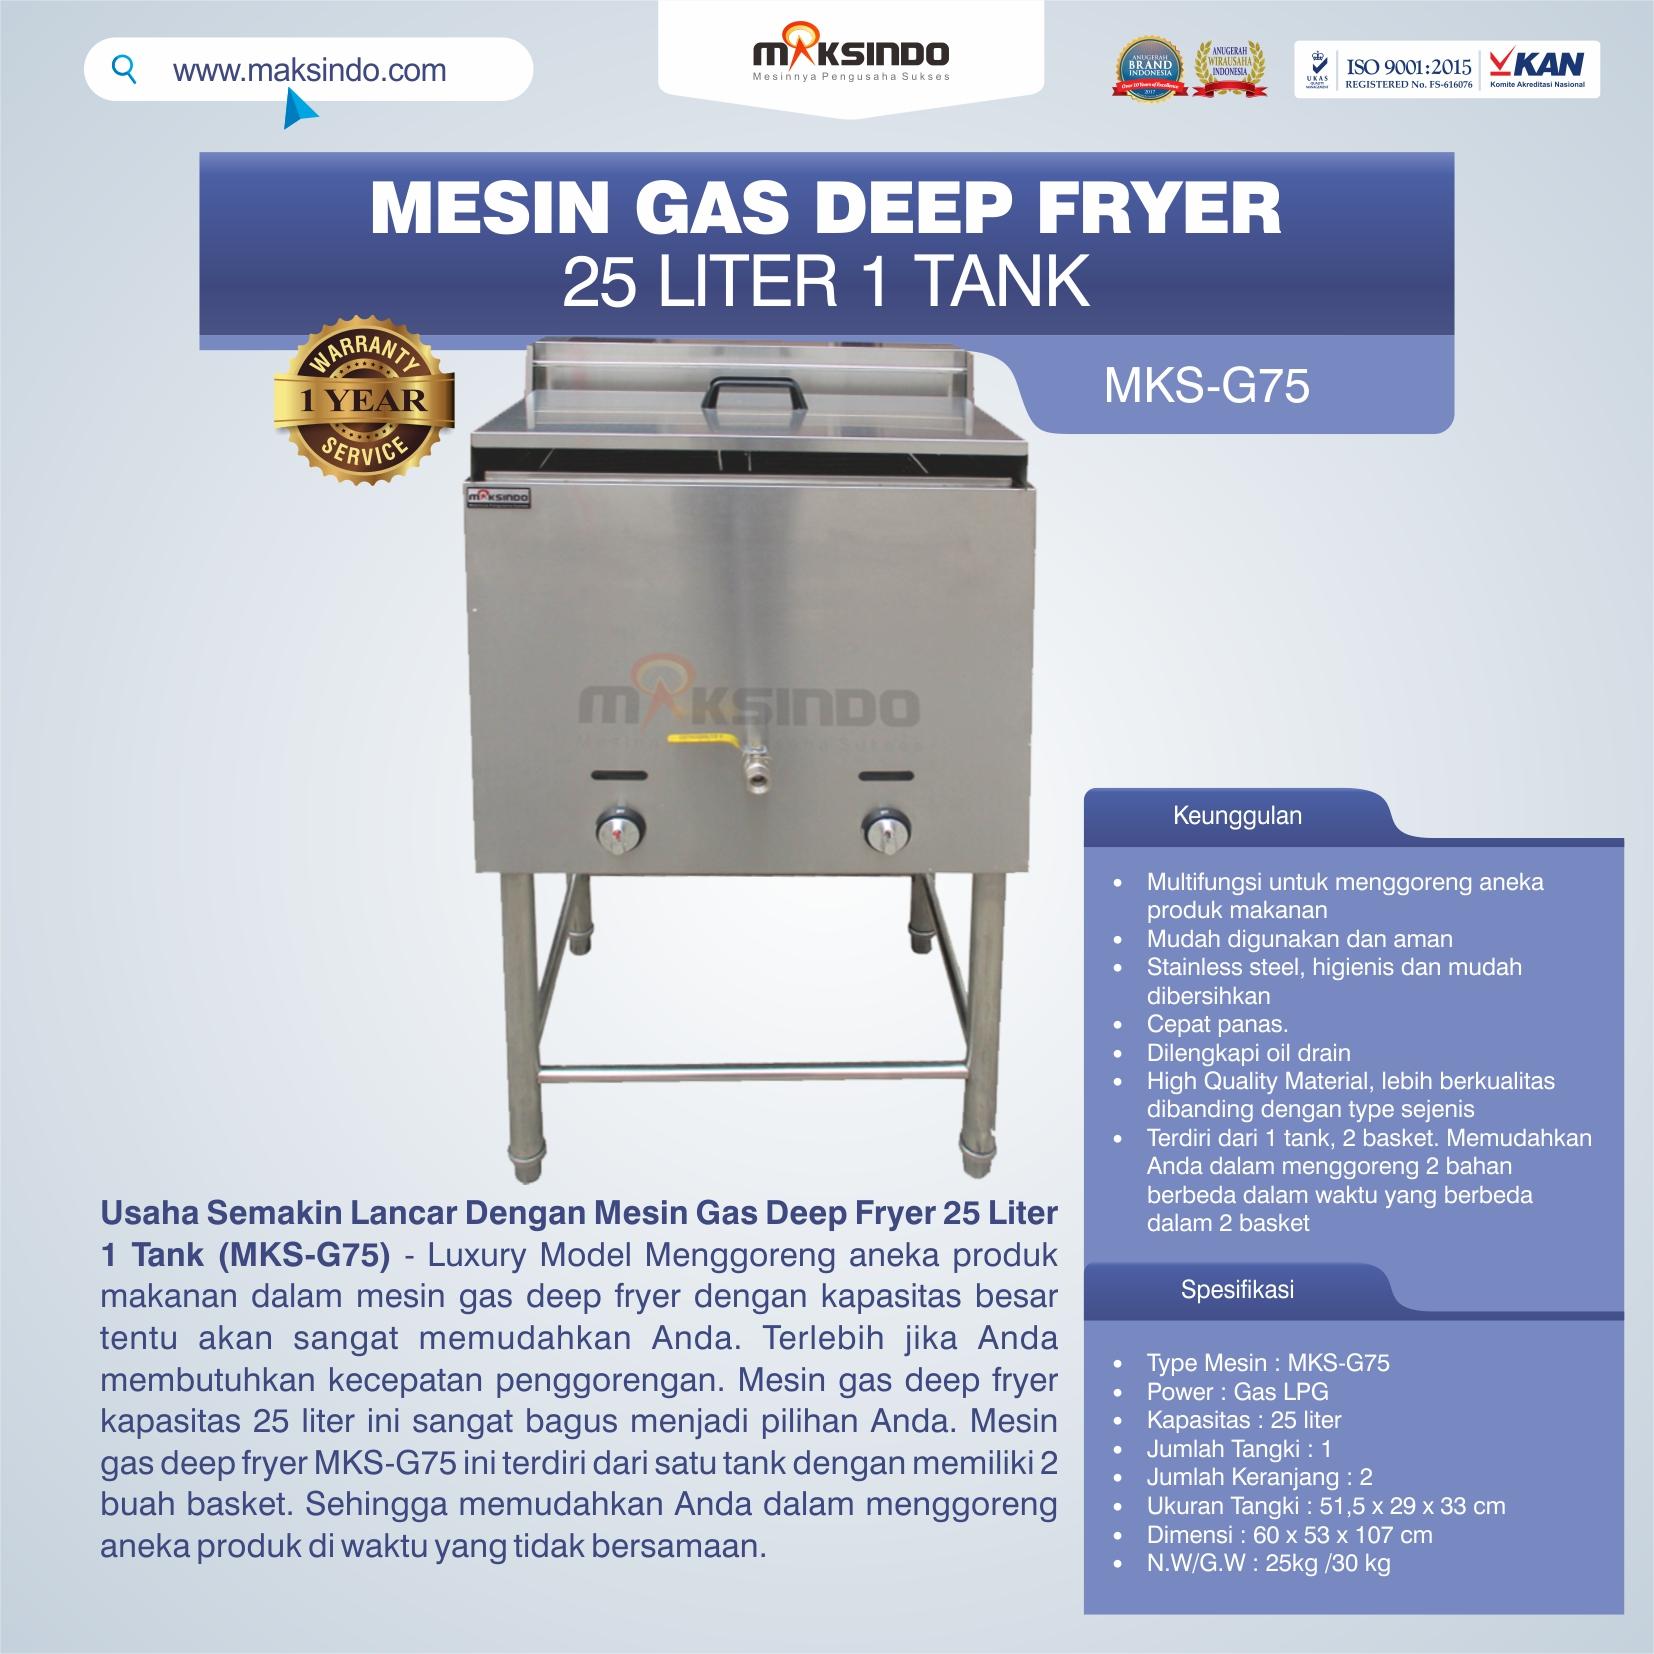 Jual Gas Deep Fryer 25 Liter 1 Tank (G75) di Bandung